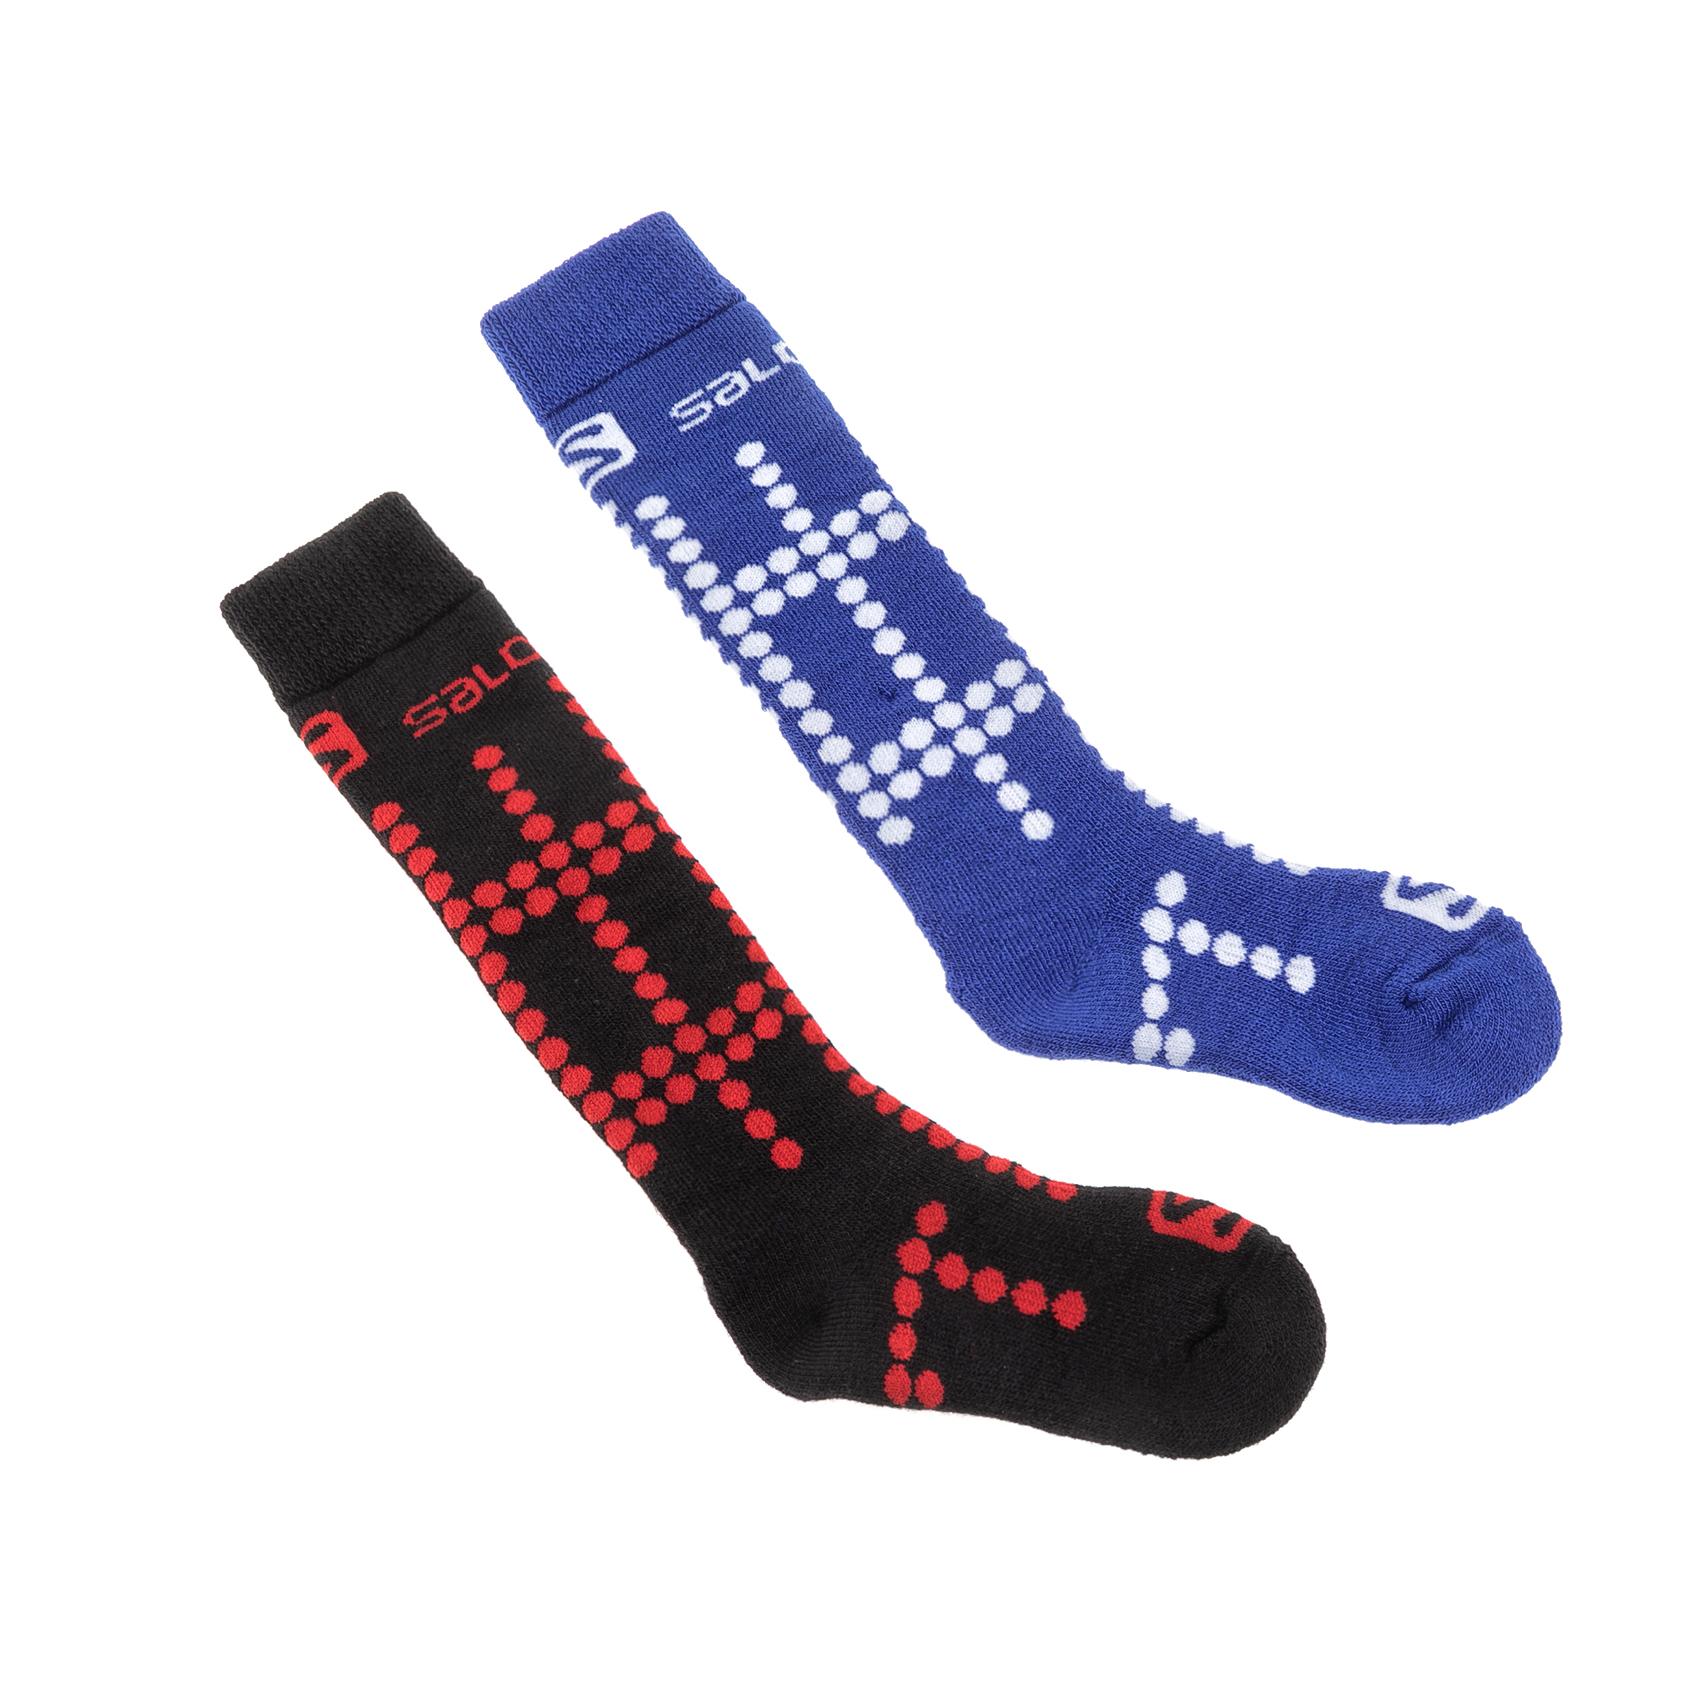 SALOMON – Παιδικές κάλτσες σκι SALOMON μαύρες-μπλε